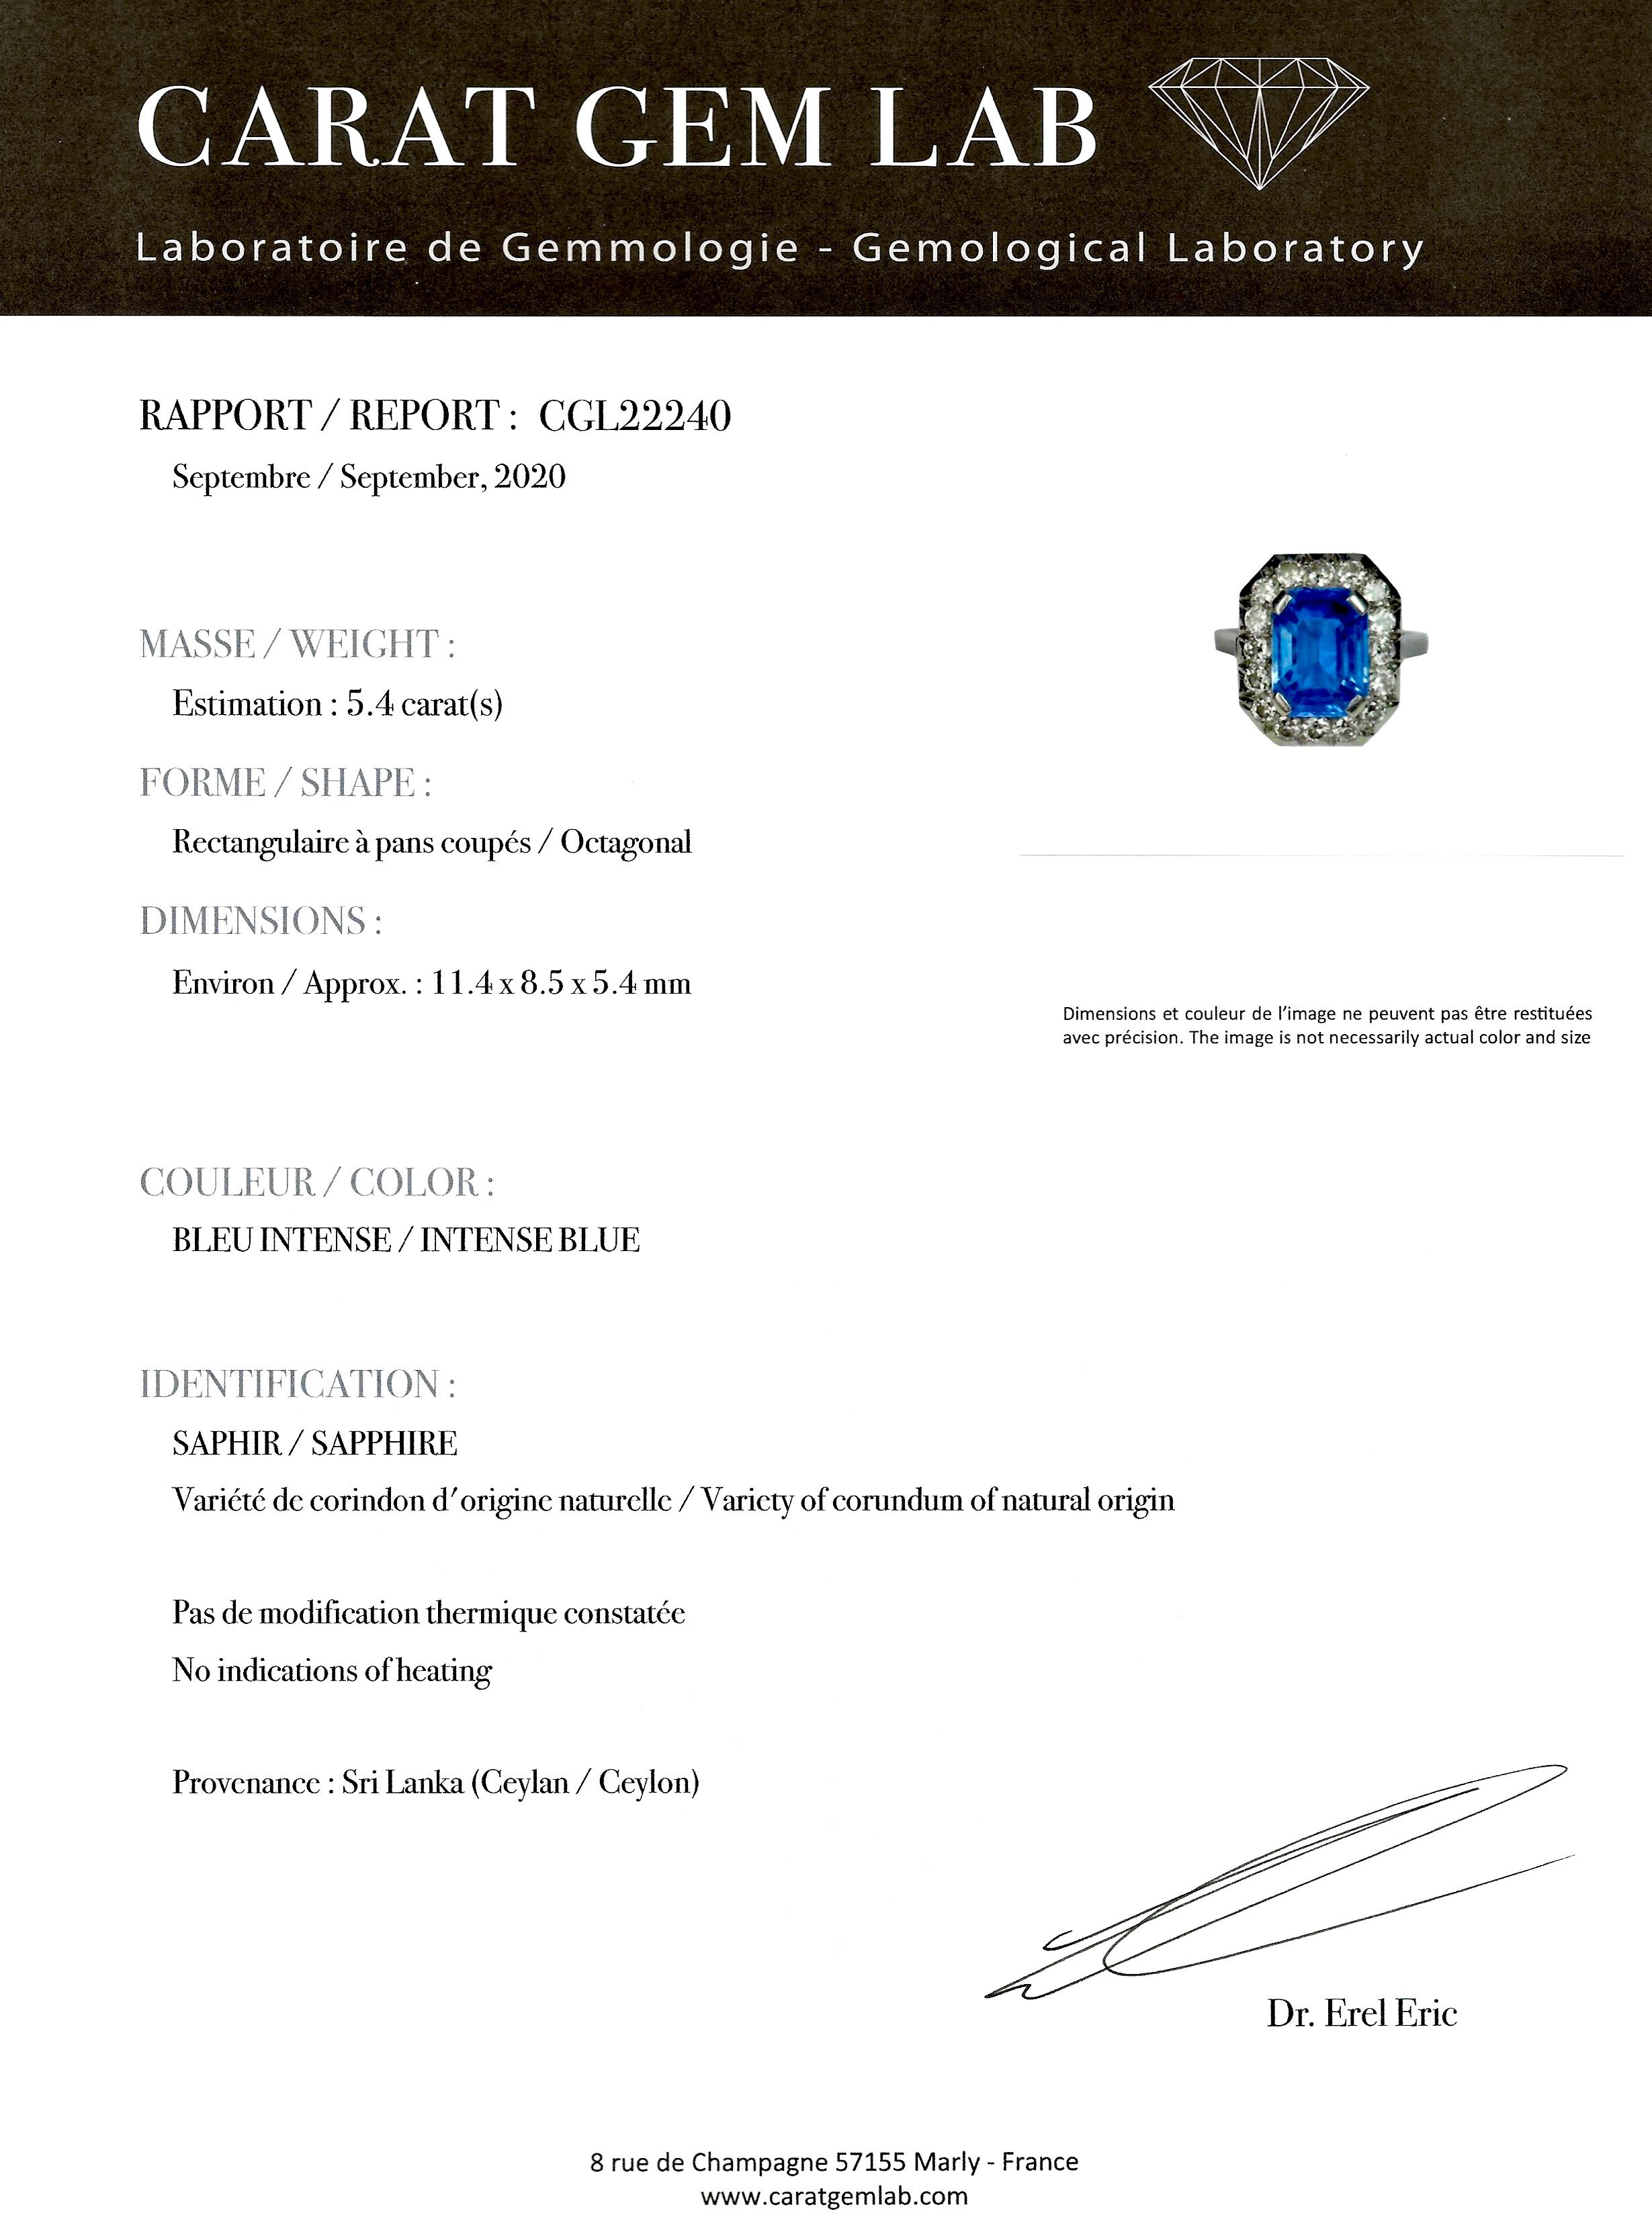 Bague Art Déco saphir naturel bleu intense (5,40 carats, certificat CGL) diamants-5